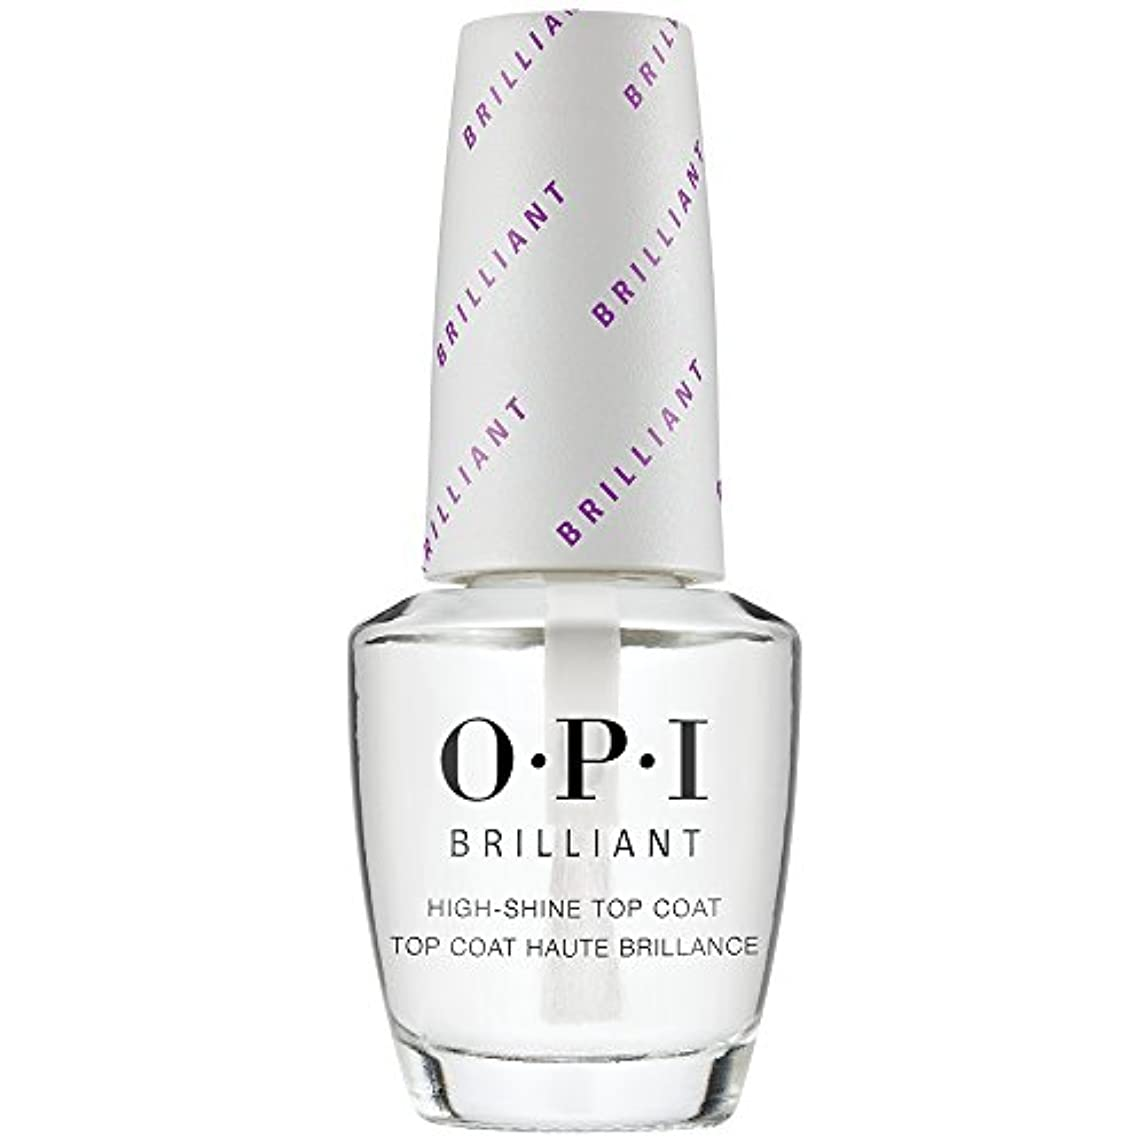 素晴らしき掘る密OPI(オーピーアイ) オーピーアイ ブリリアント トップコート